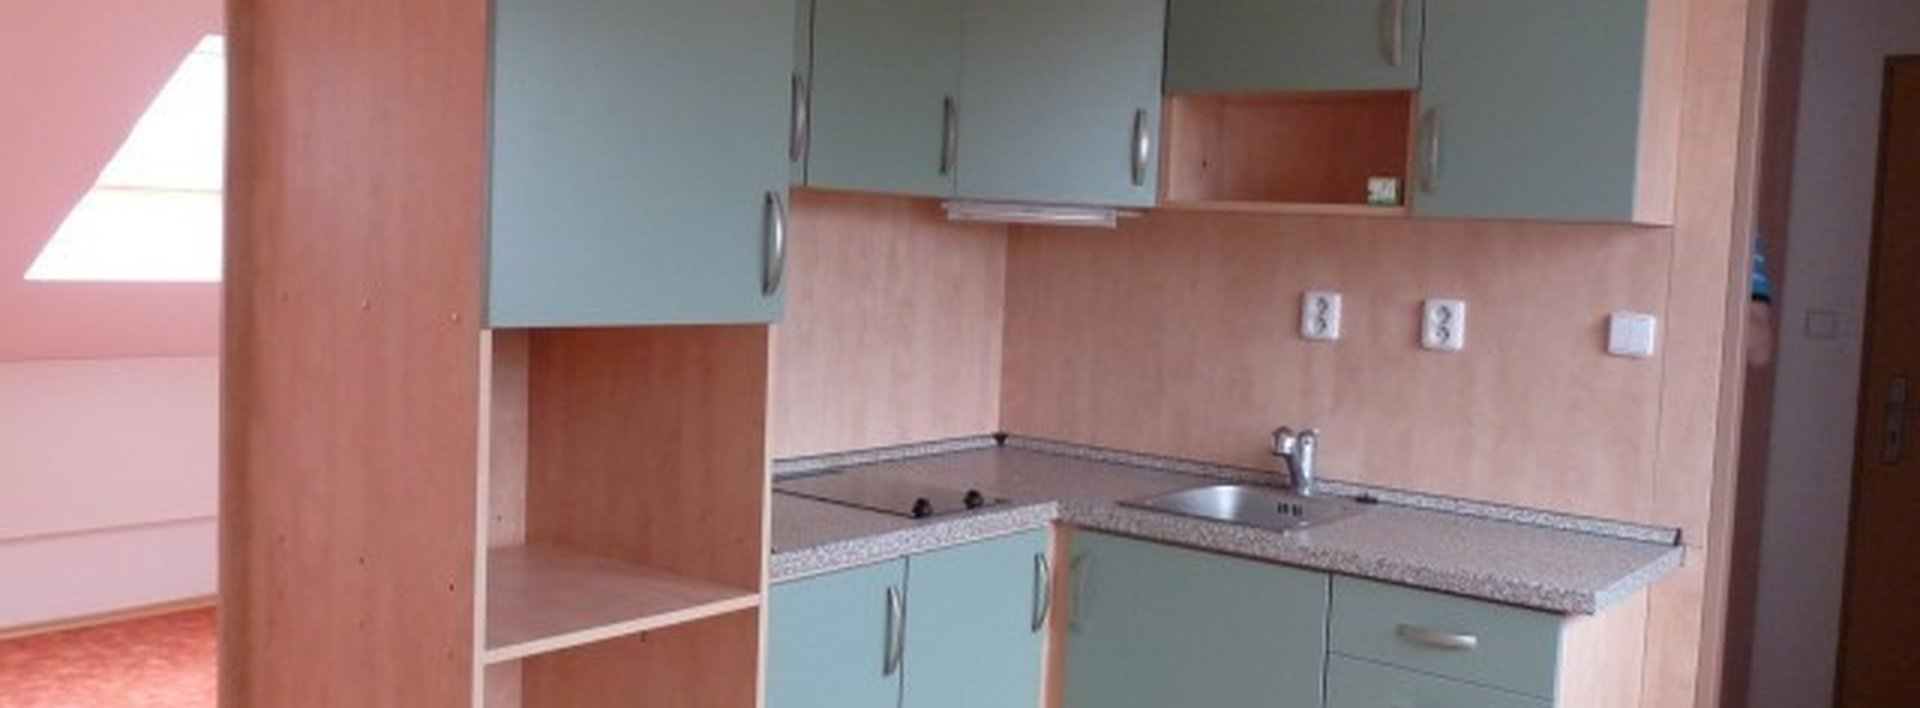 Pronájem bytu 1+kk v Liberci, Ev.č.: N47571